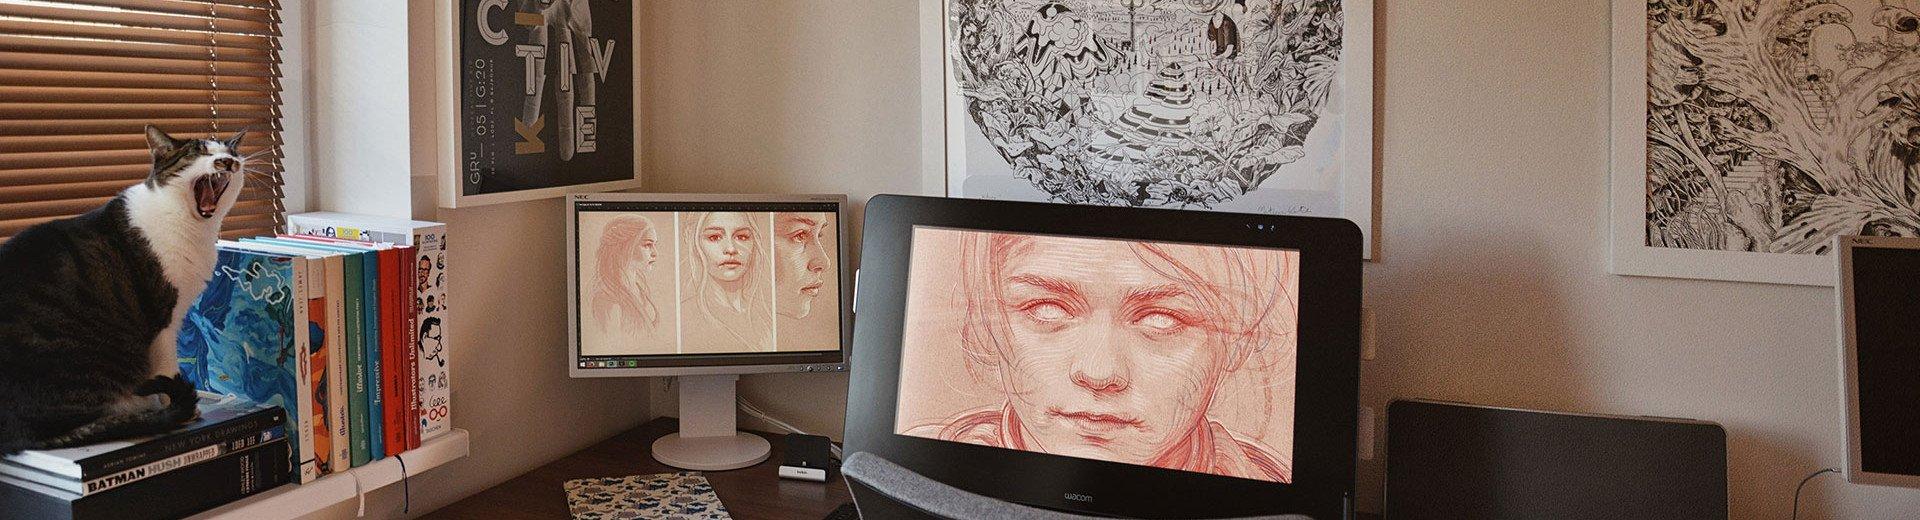 Okładka artykułu Jak wyglądają biurka projektantów? — Zaglądamy do pracowni polskich artystów